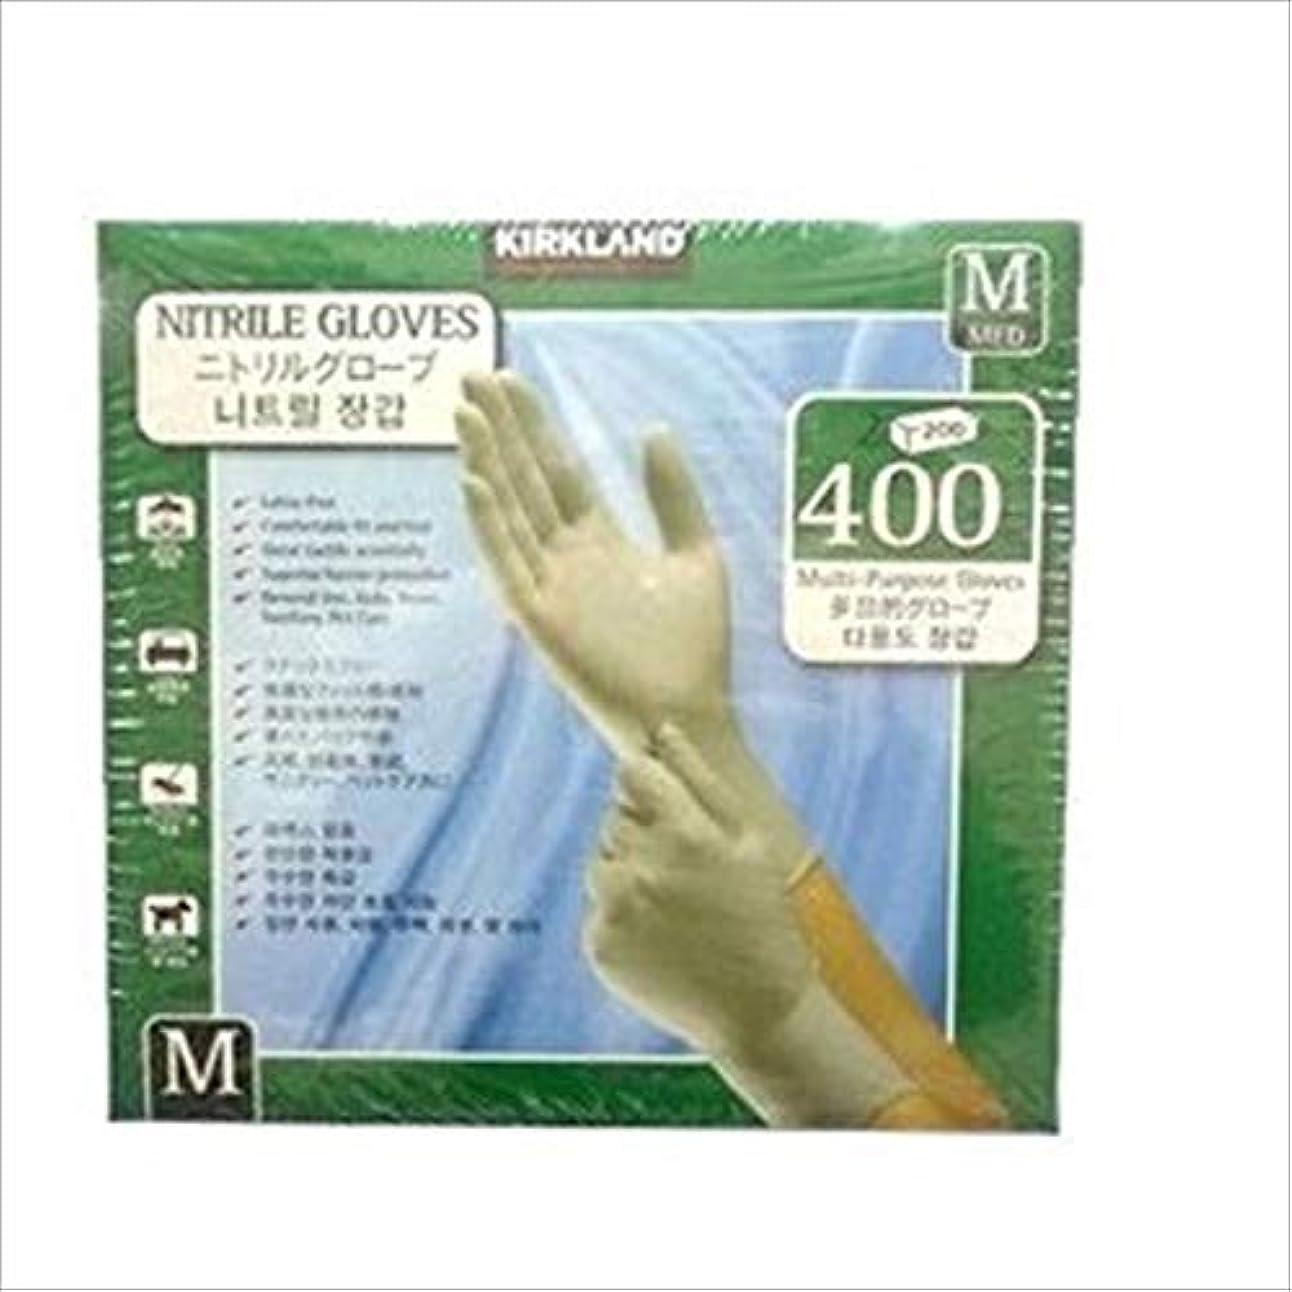 可動式同様の日曜日KIRKLAND カークランド ニトリルグローブ 手袋 Mサイズ 200枚×2箱